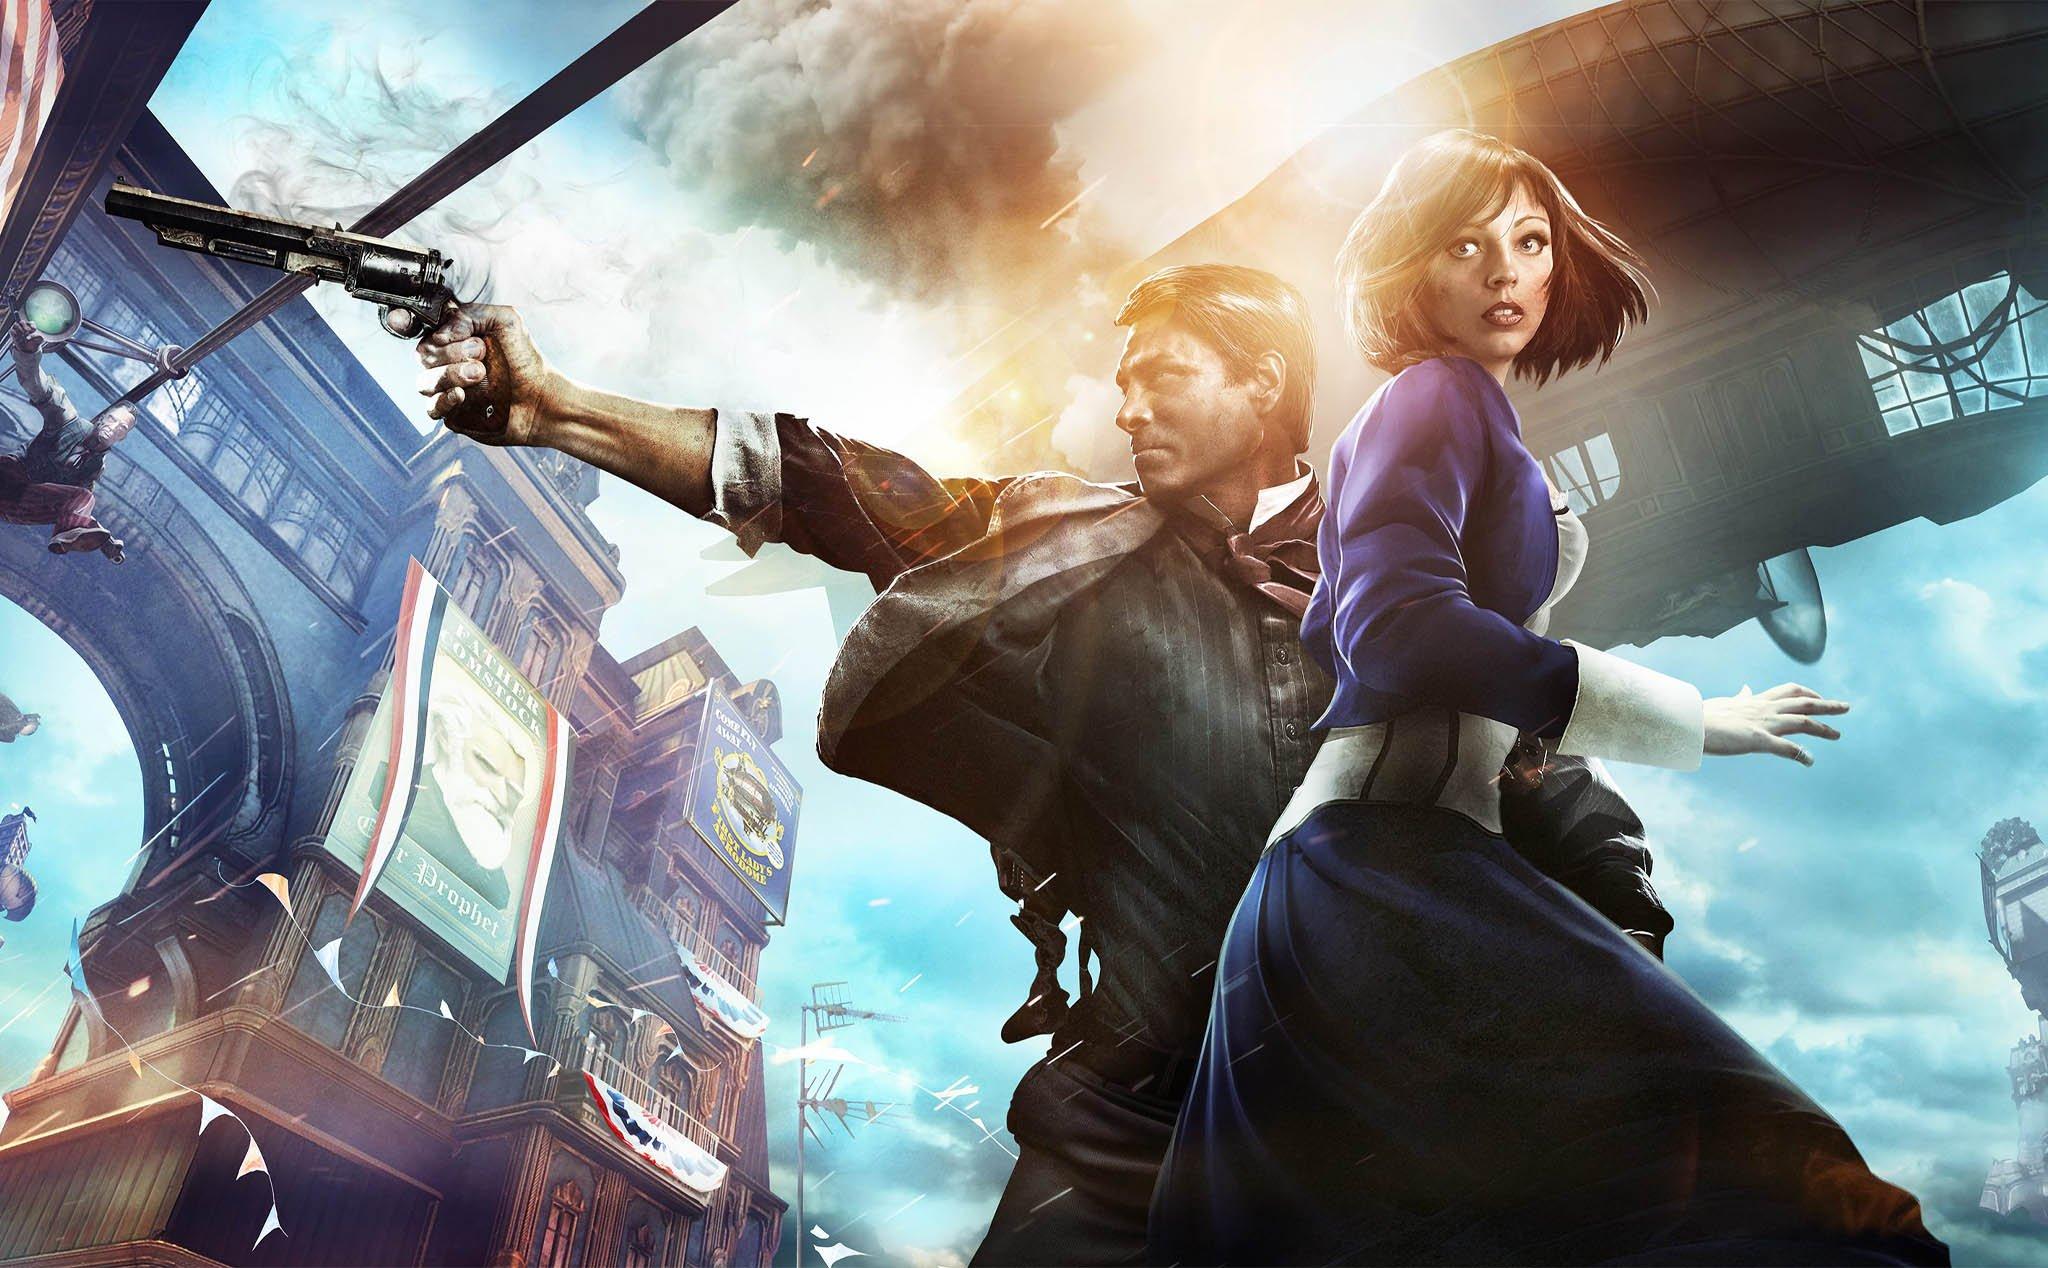 Bioshock new version is under development 3